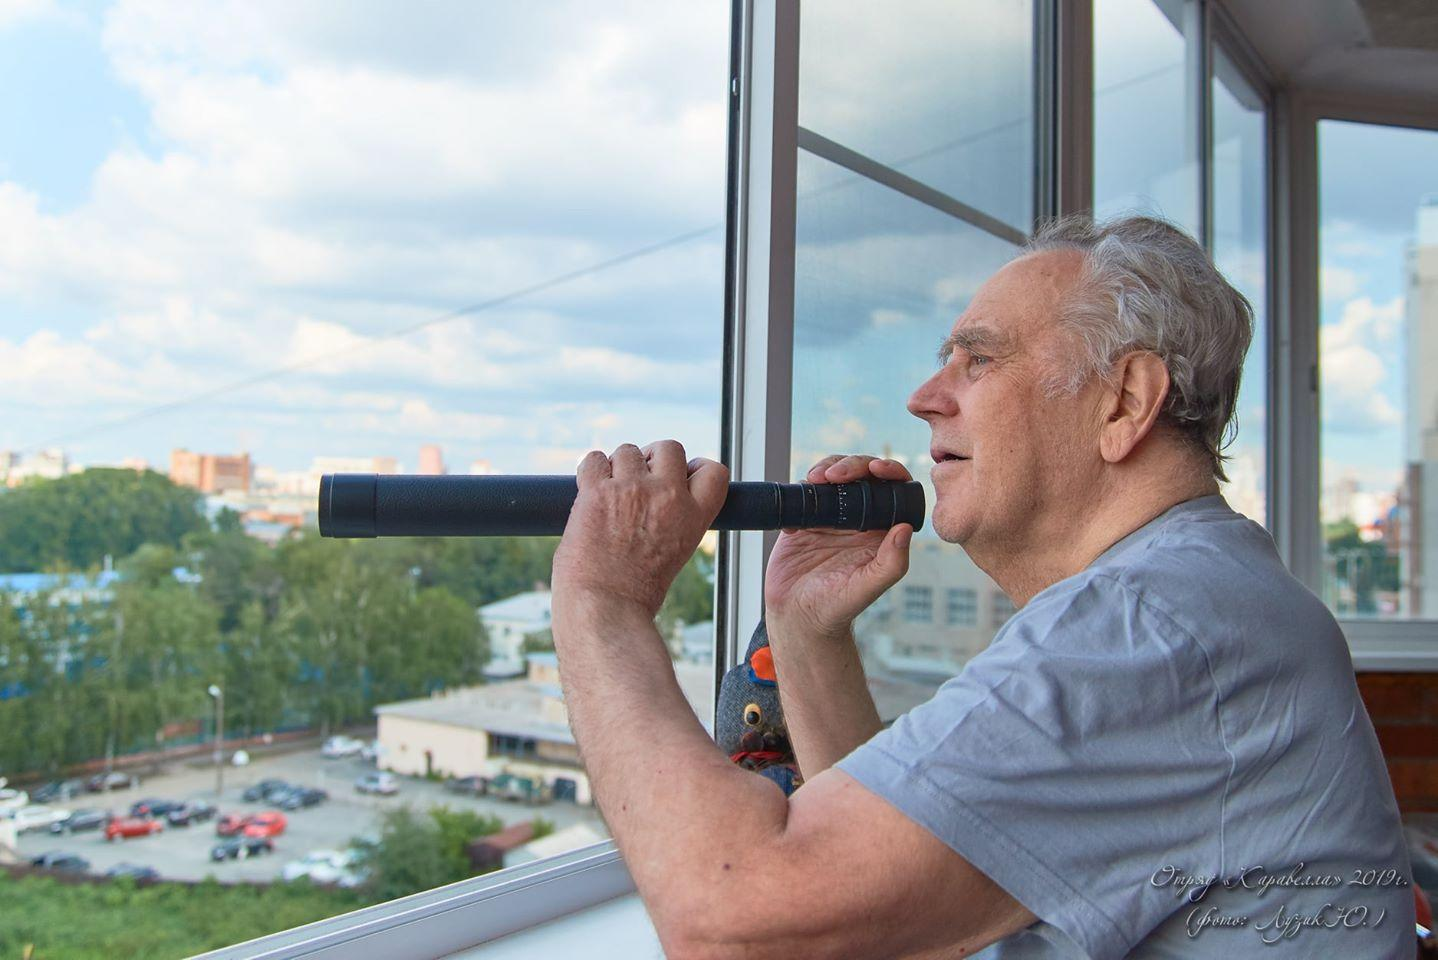 Родственники рассказали об ухудшении состояния писателя Крапивина после выписки